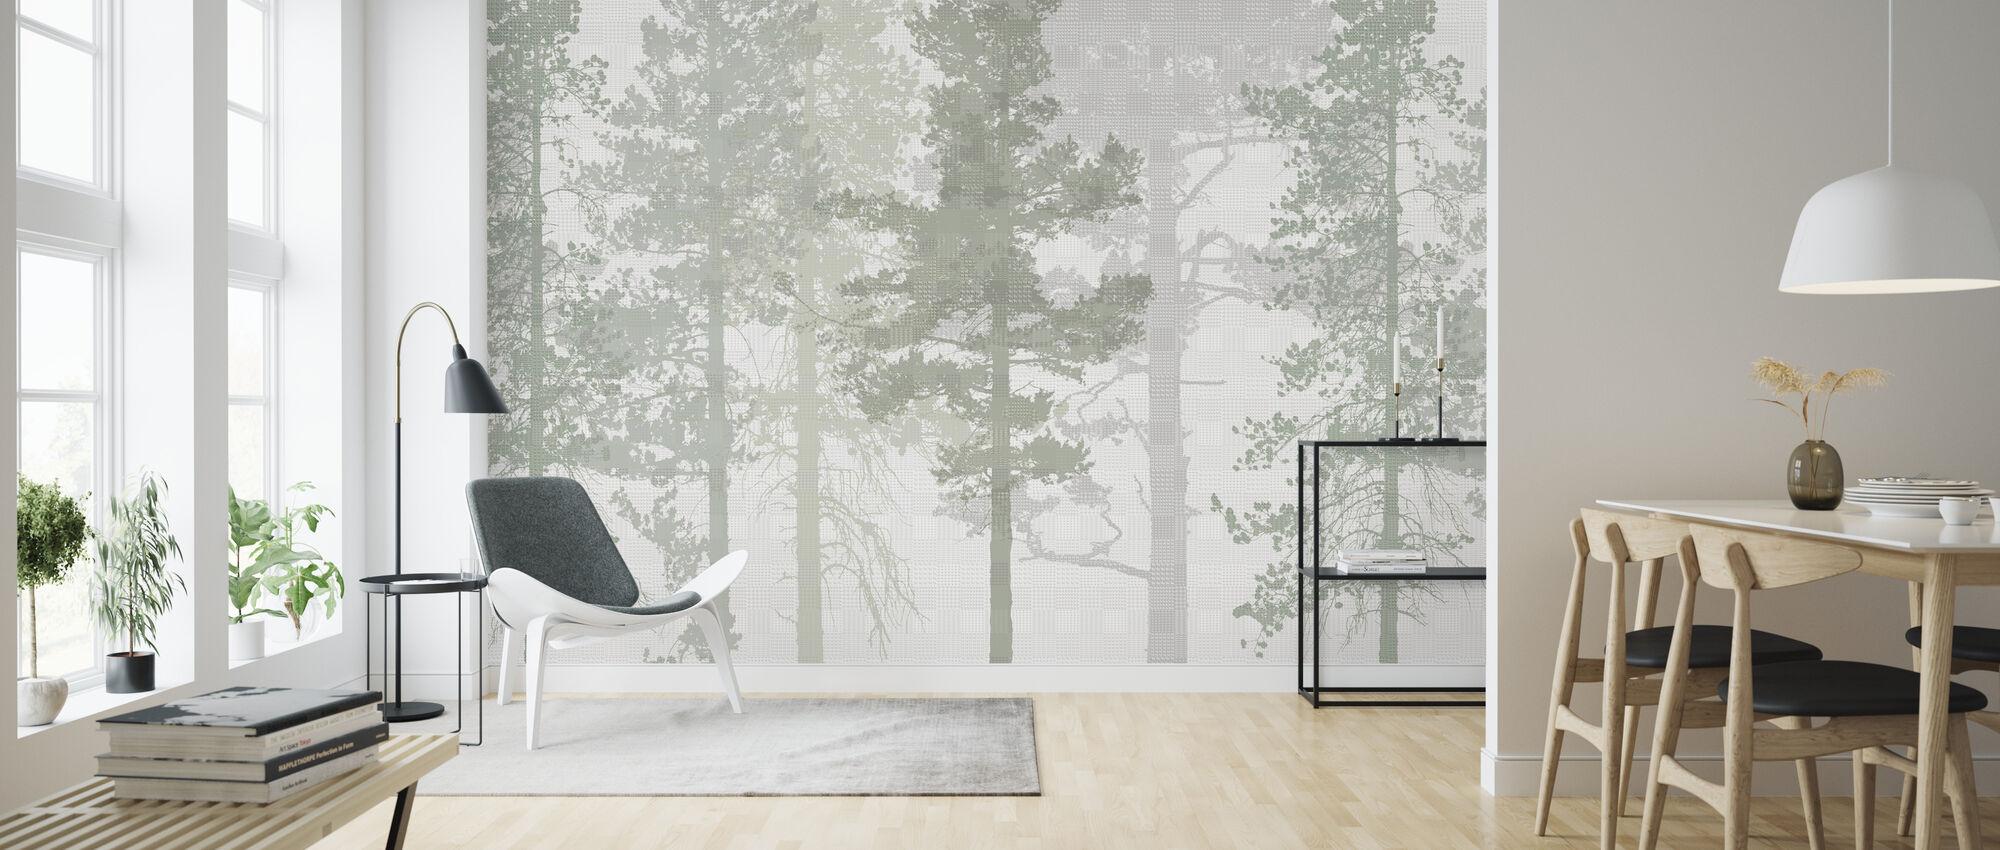 Weaving Wood Cool Green Wall Murals Online Photowall